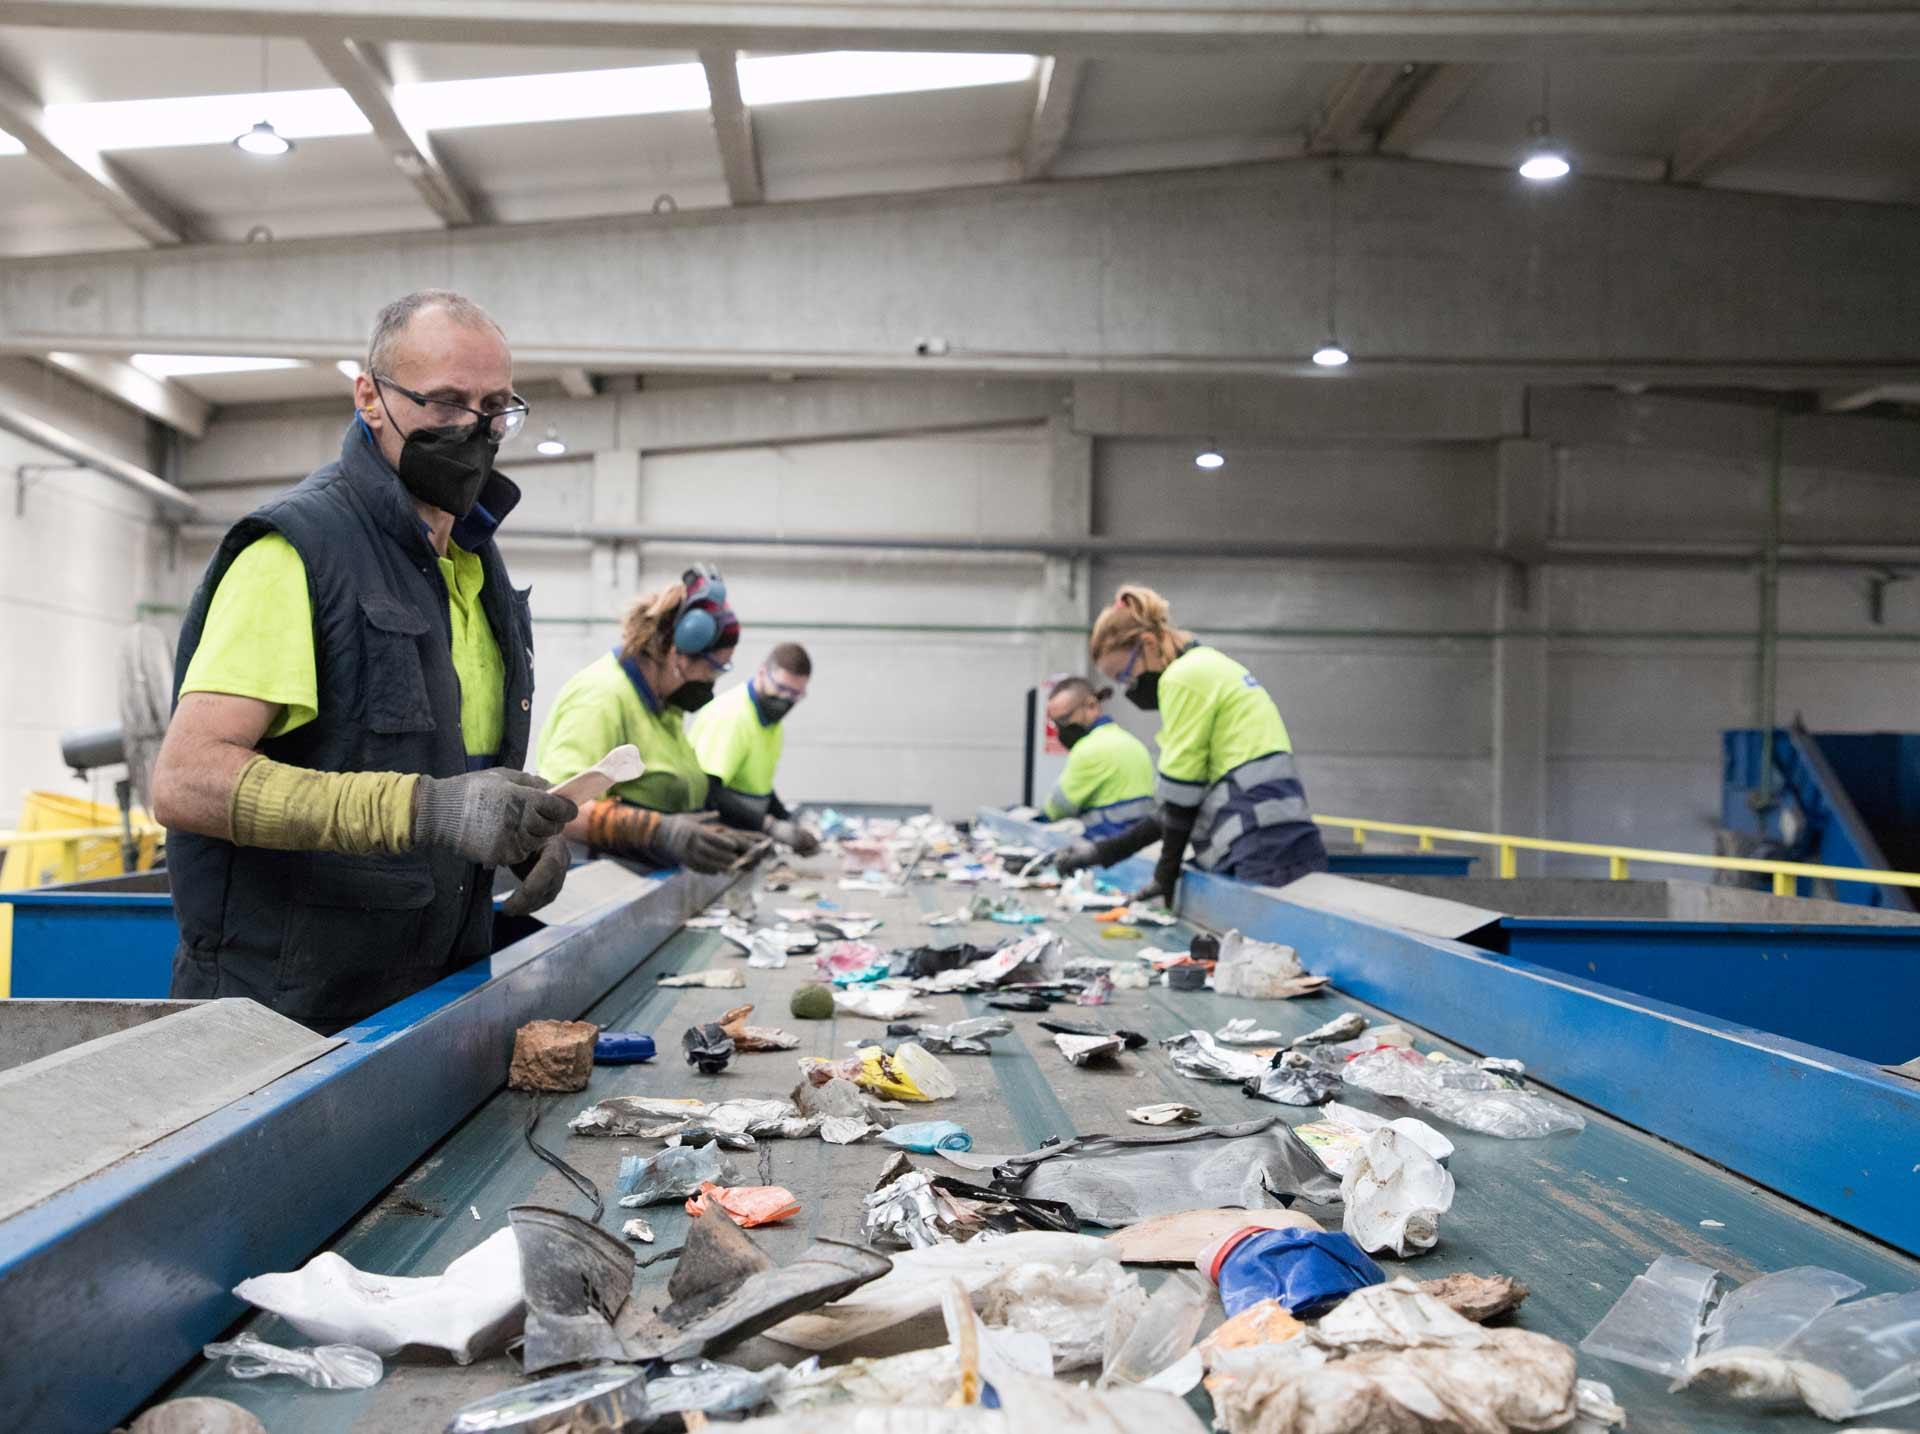 Los trabajadores de Reciclamás son esenciales para entender cómo funciona una planta de reciclaje